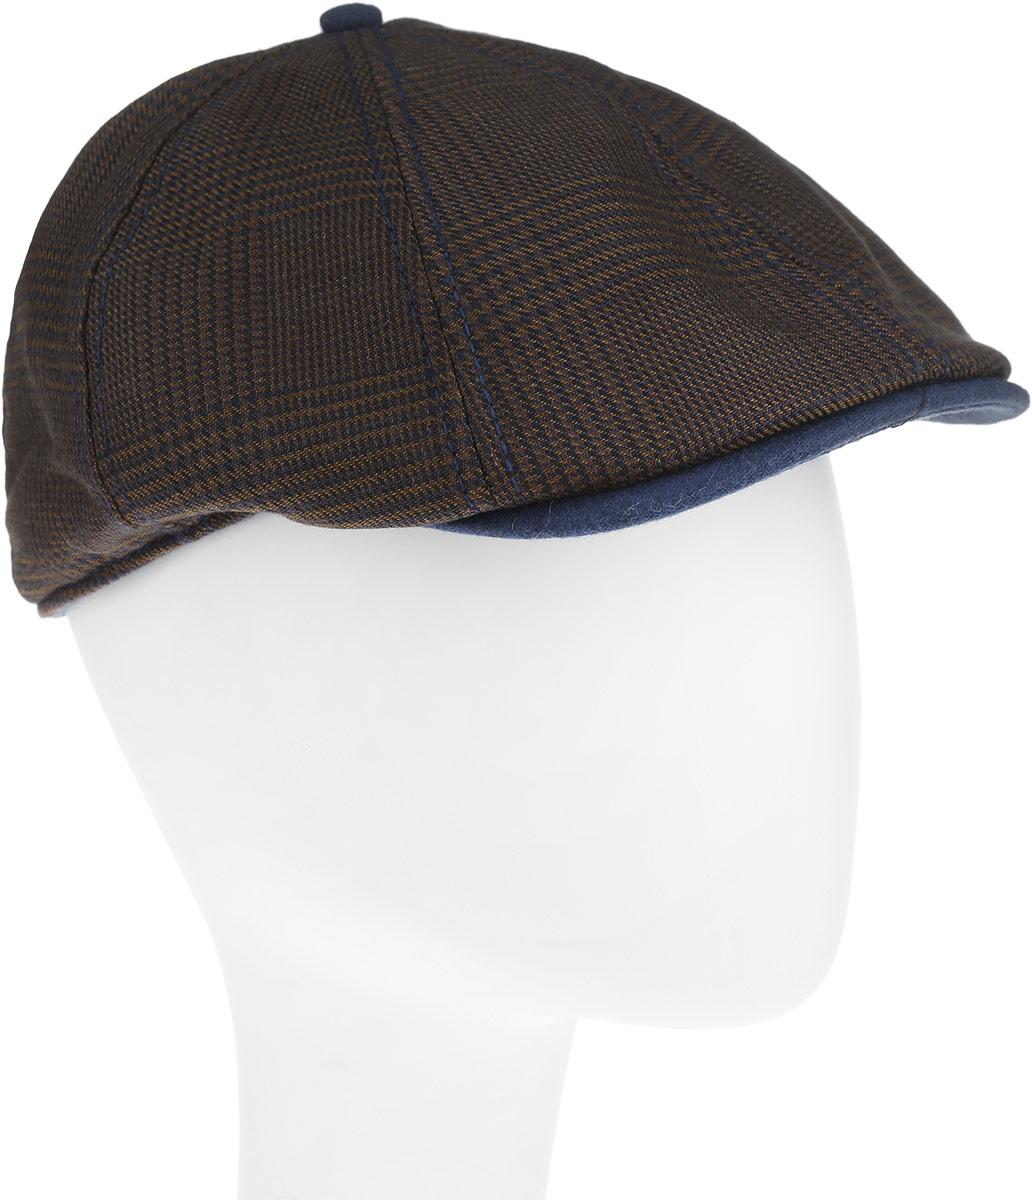 Кепка Goorin Brothers, цвет: коричневый, темно-синий. 103-5575. Размер M (57)103-5575Практичная и стильная кепка восьмиклинка Goorin Brothers будет отлично смотреться с осенним пальто и толстым шарфом.Модель выполнена из плотного тёплого полиэстера и хлопка. Внутри по окружности пришита лента гро-гро и шелковистая стеганая подкладка. Сочетание основного цвета с контрастной клеткой и тем же цветом козырьком, дарят этой модели замечательное настроение. Кепка украшена классической пуговкой на макушке.Такая кепка станет отличным аксессуаром и дополнит ваш повседневный образ.